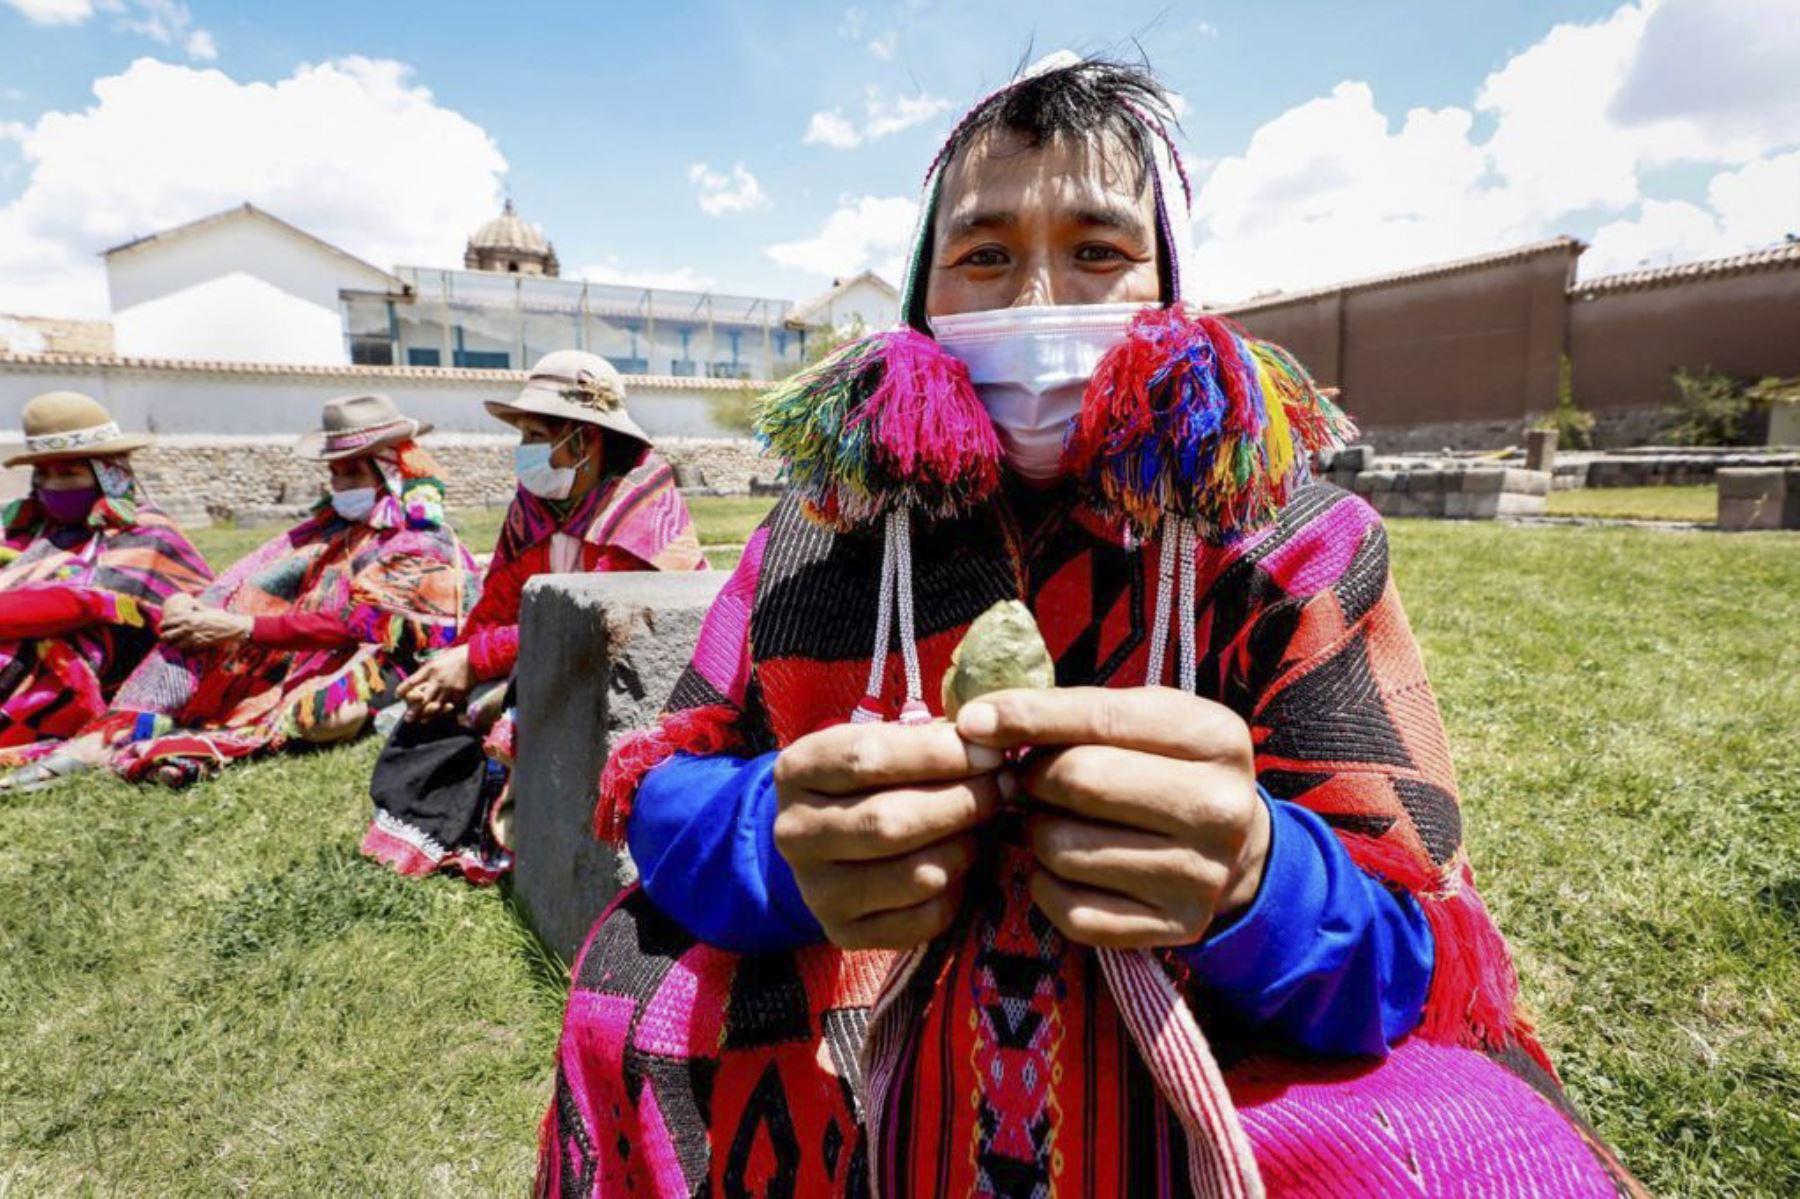 El Pacto por la Cultura al 2030 sentará las bases para la recuperación sostenible del sector cultural peruano y su posicionamiento como un eje de desarrollo en el país. Foto: ANDINA/Mincul